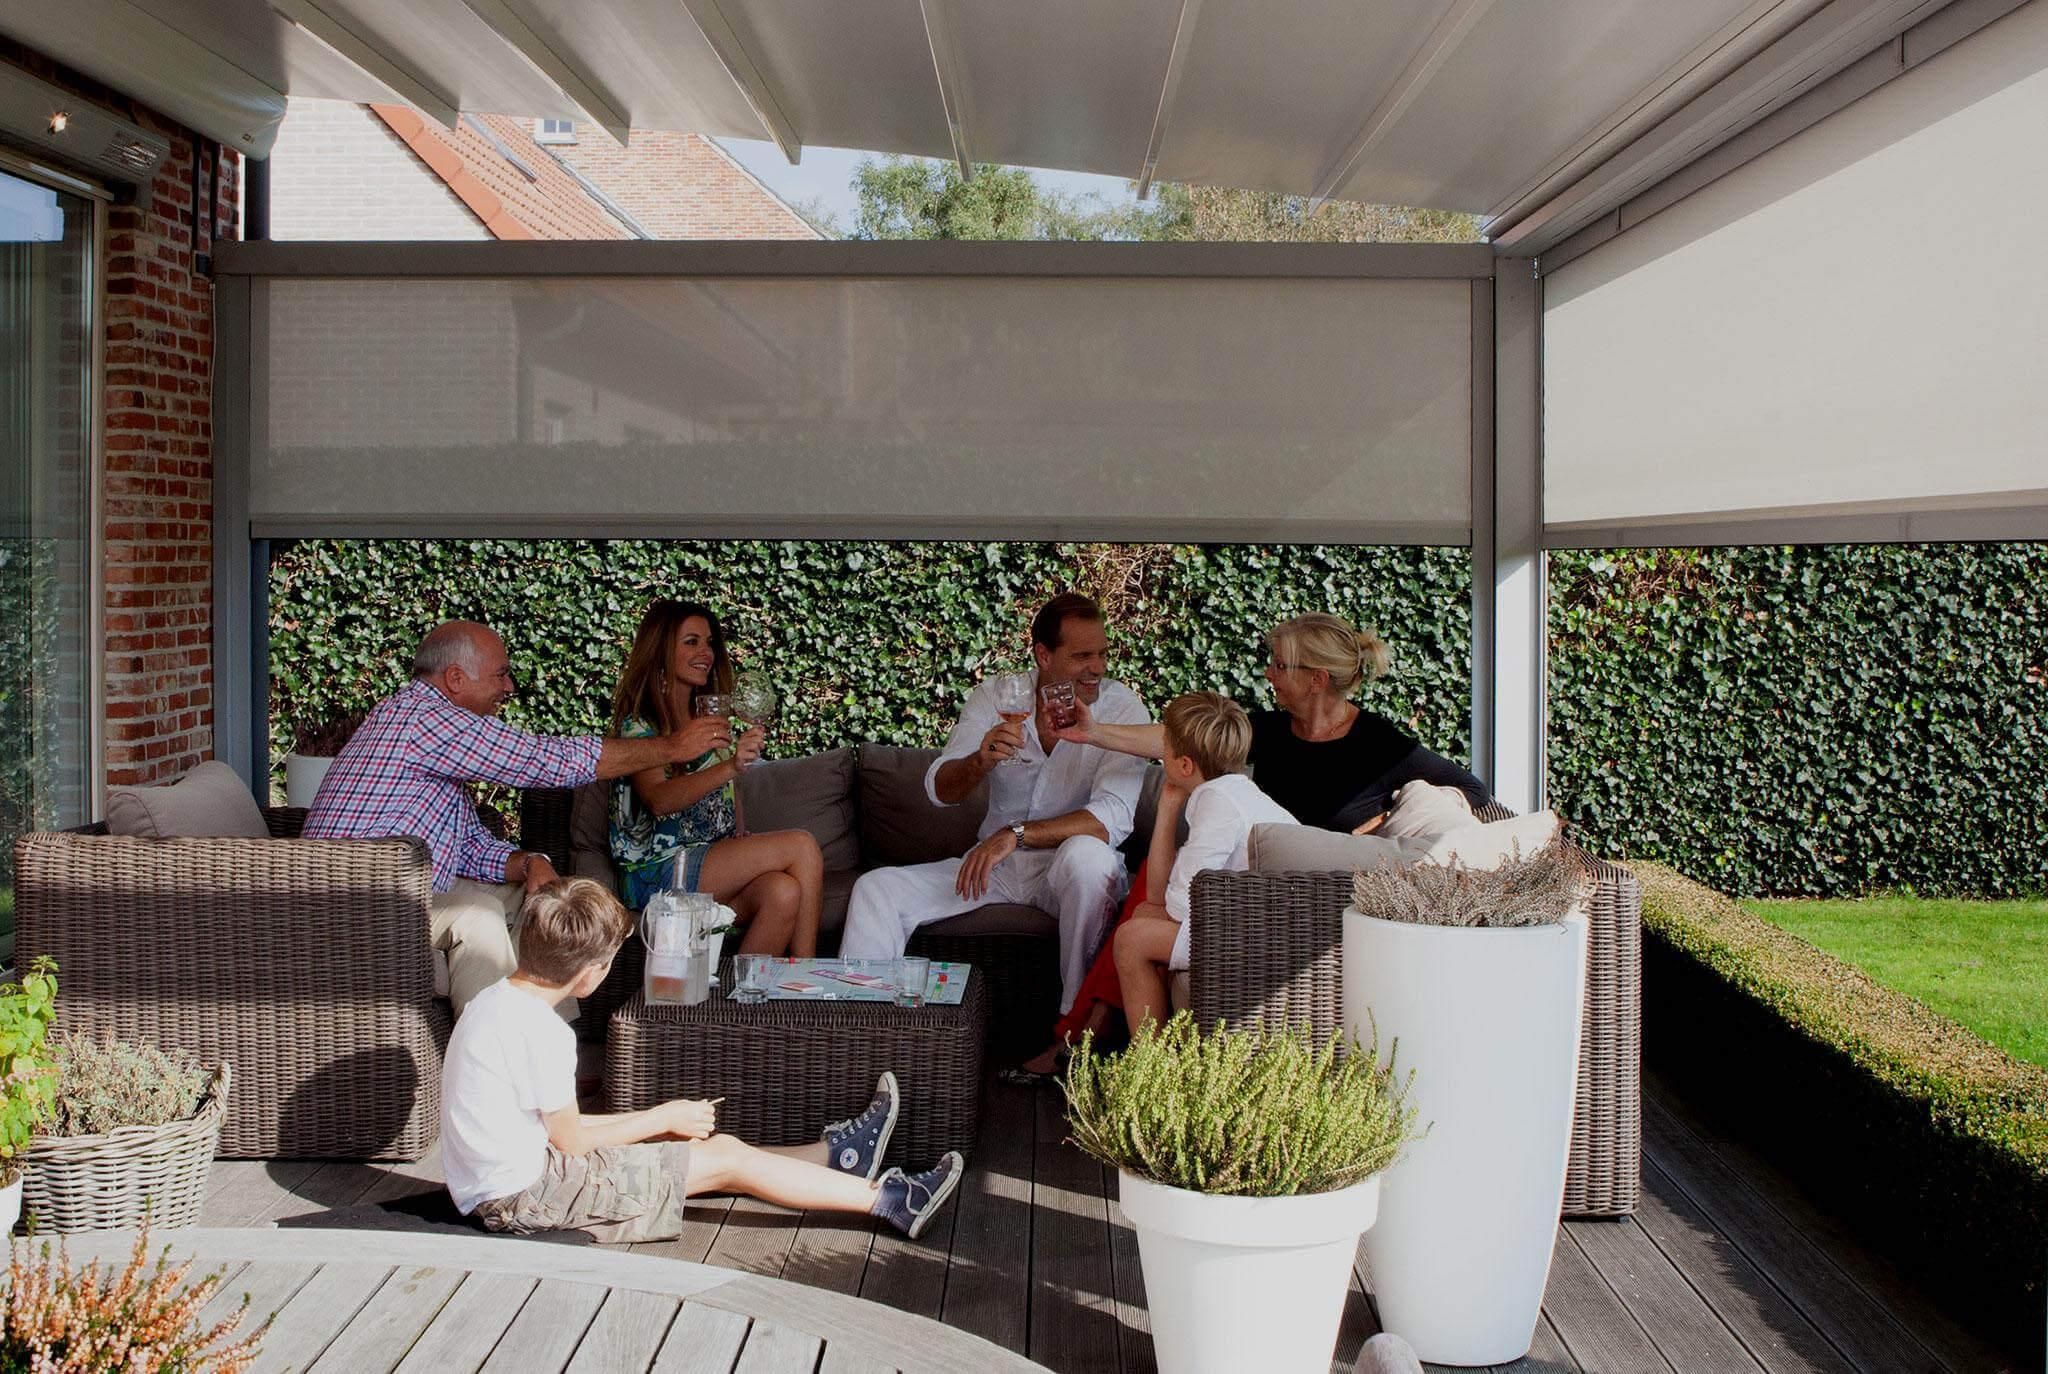 Familie auf Terrasse mit Rattansitzgelegenheiten unter Faltdach-Überdachung